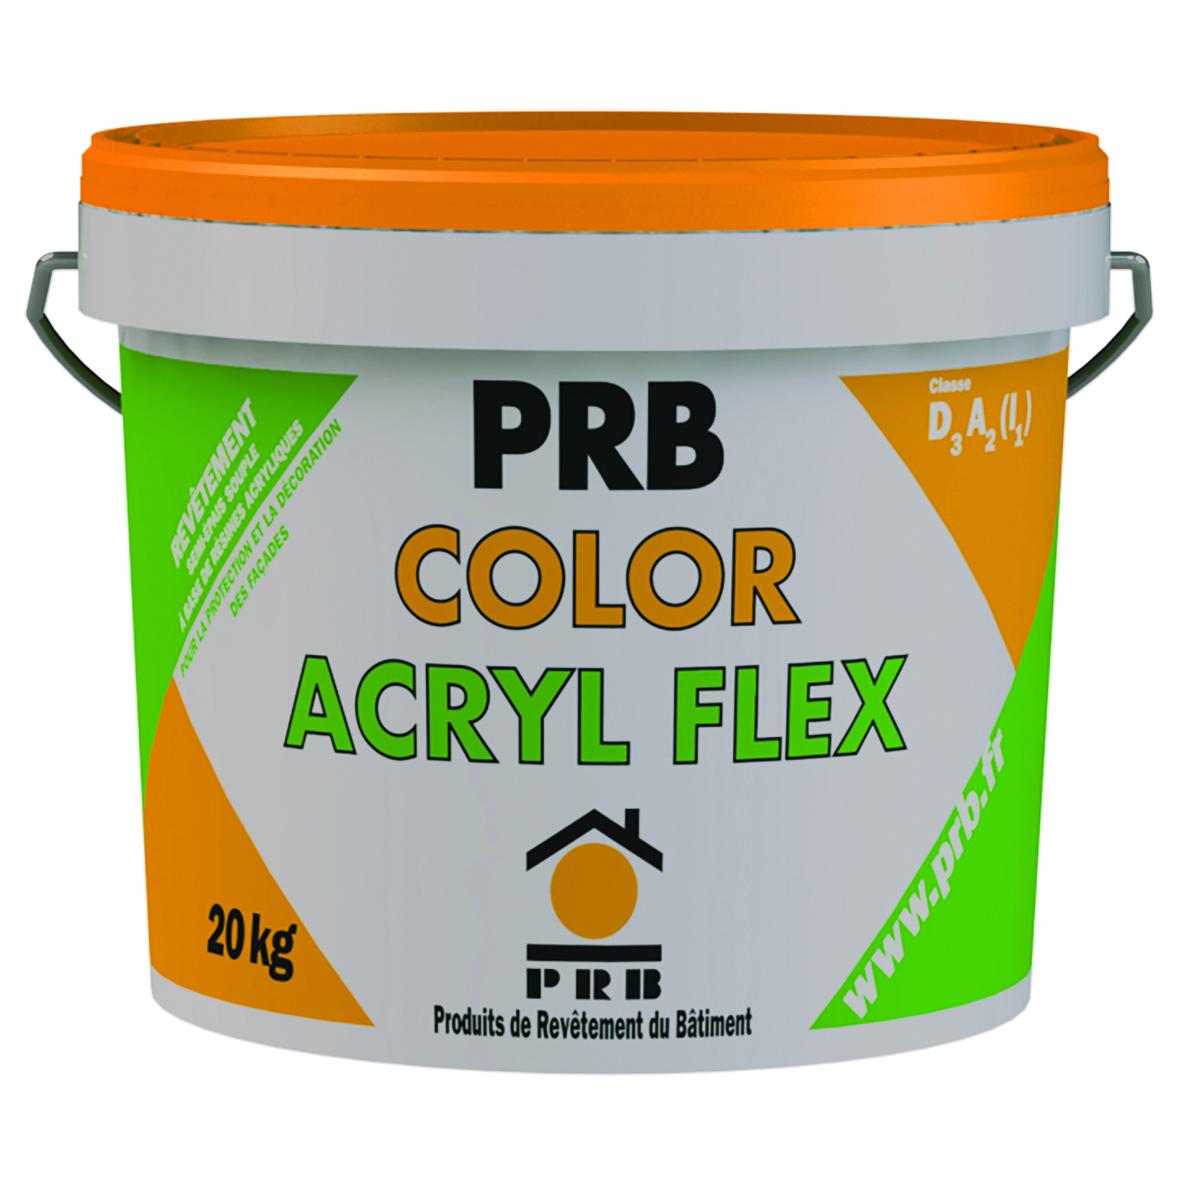 Prb color acrylflex for Prb peinture facade